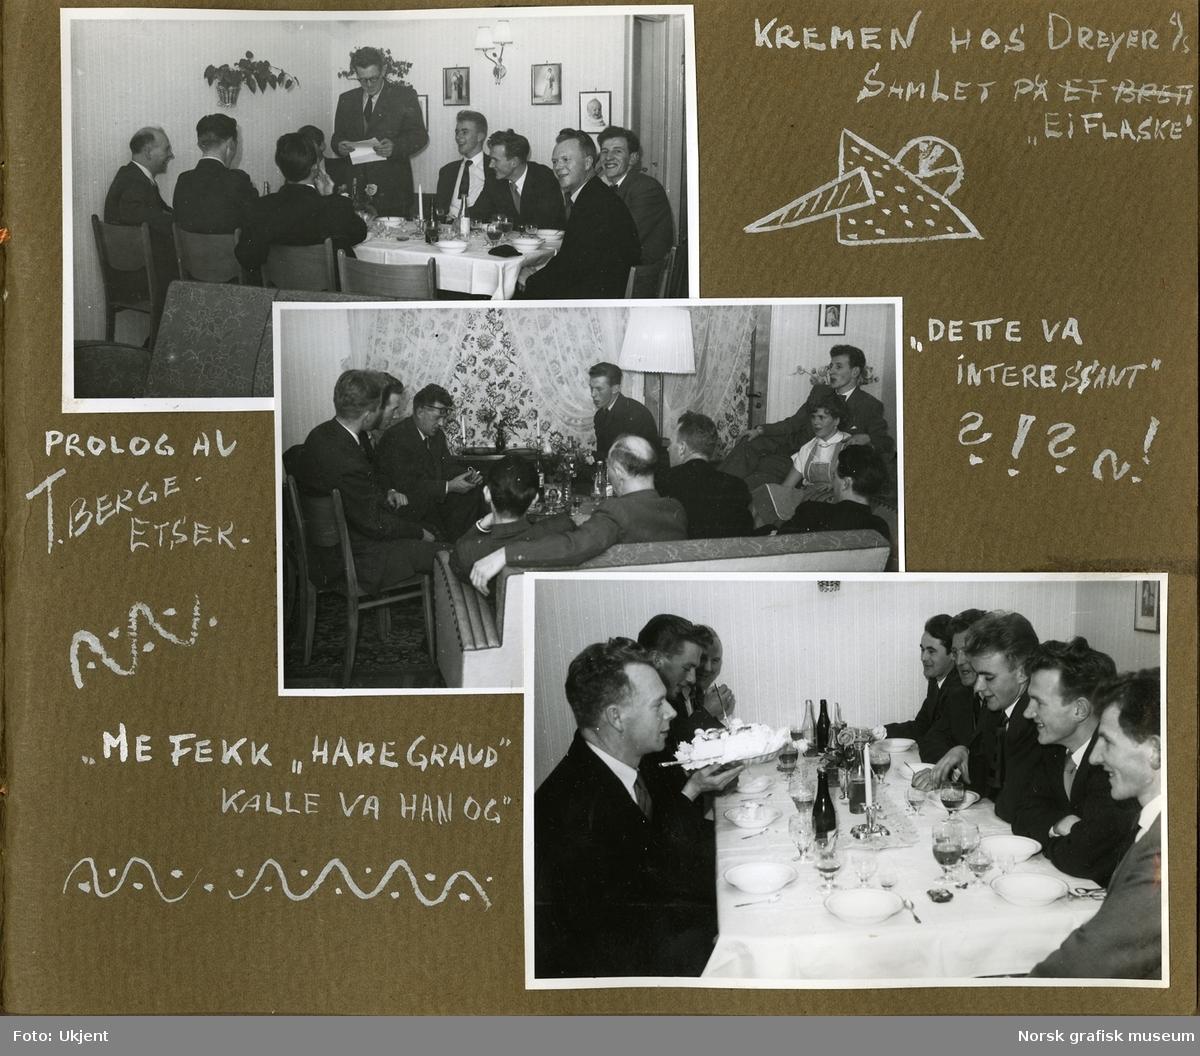 """Albumet """"Ætseriet"""" fra Dreyer Reproduksjonsanstalt i Stavanger. Består av 130 enkeltfotografier. Digitalt opptak og metadata lagt inn på hvert enkelt undernummer i serien. Bildene lagt inn på dette hovednummeret, er albumsidene i sin helhet. Opplysninger på siste side i albumet: """"Billederne er fotografert og samlet av følgende Gunnar Wareberg Jakob Roalsvig Trygve Berge R. Årsvoll R. Lindberg D. Olsen A. Olsen T. Gjesteland J. Brodahl Boken tilhører ætseriet"""""""